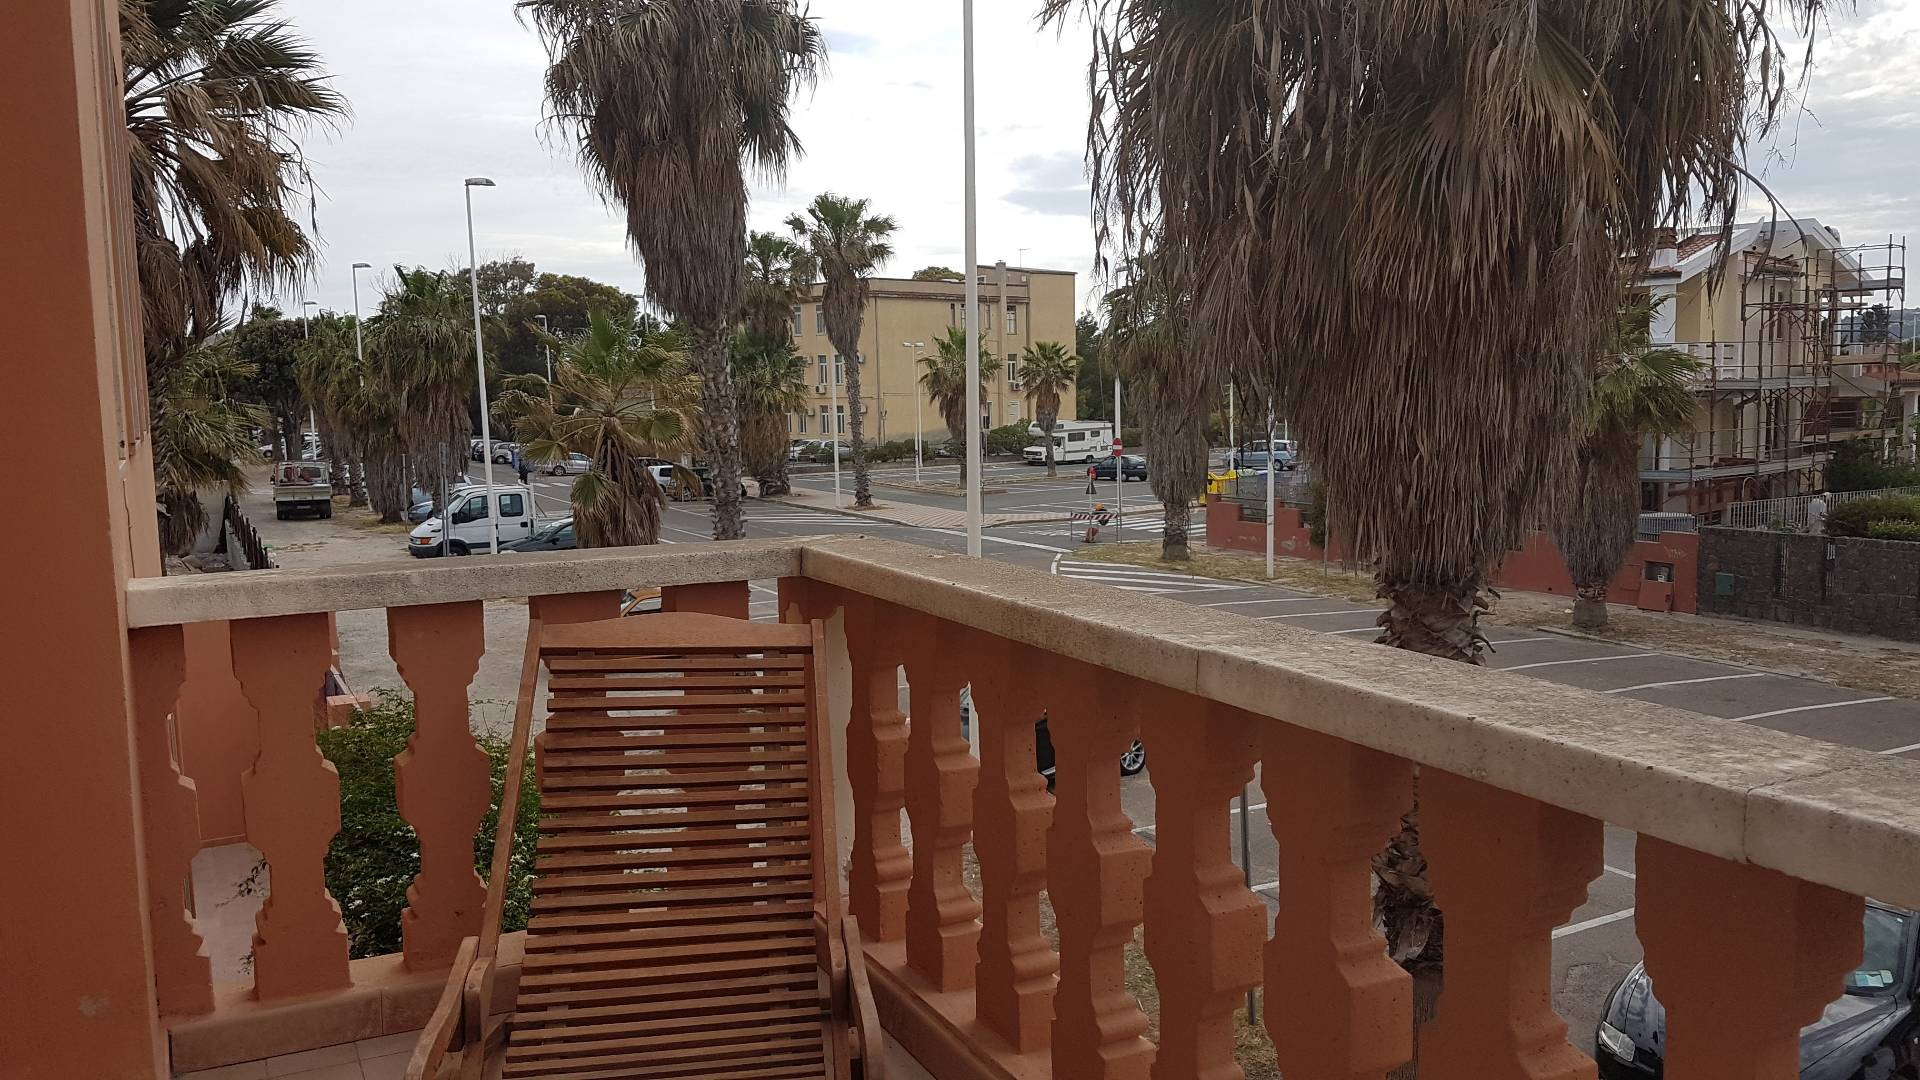 Appartamento in affitto a Cagliari, 3 locali, zona Zona: Poetto, prezzo € 800 | Cambio Casa.it